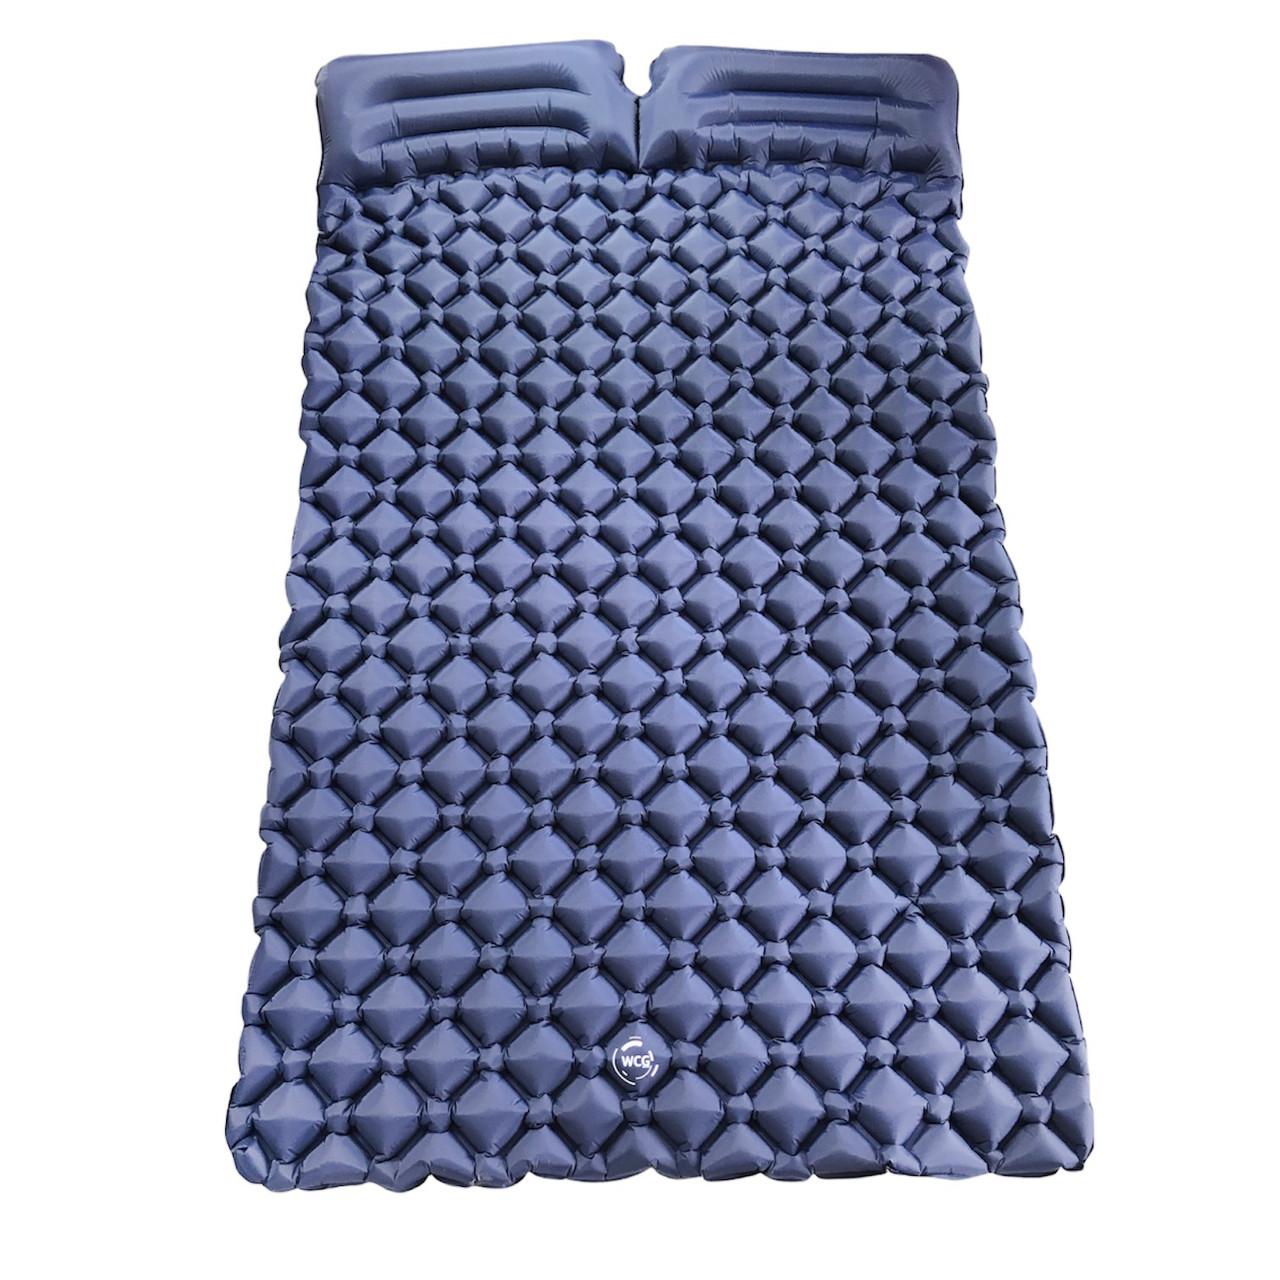 Двухместный надувной каремат походный, туристический WCG для кемпинга (синий)